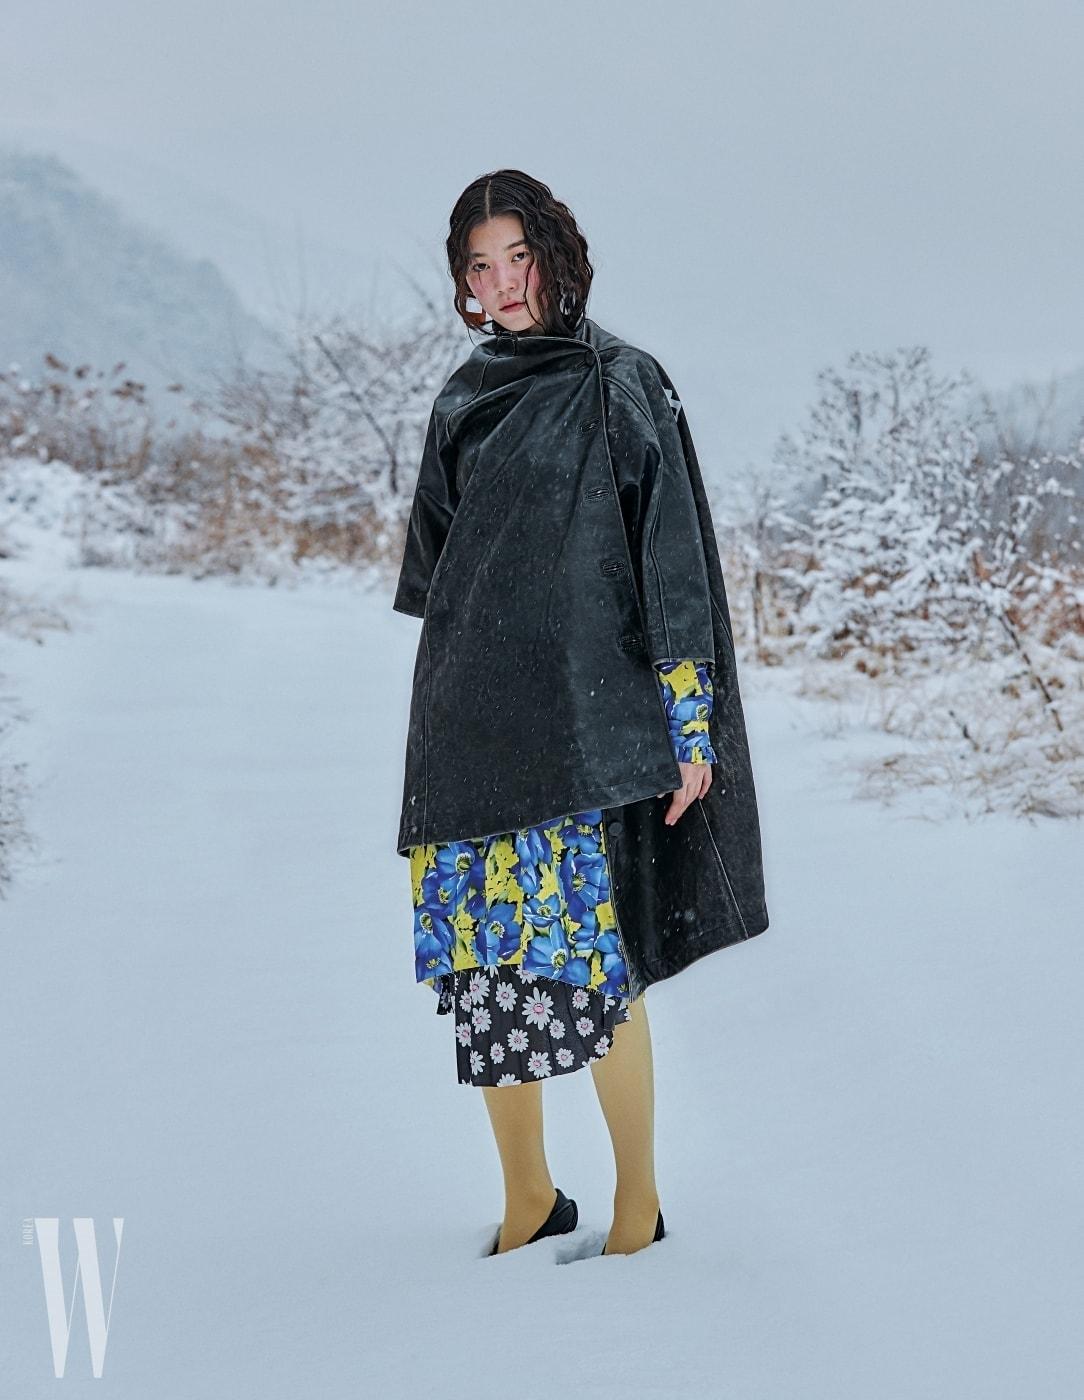 거친 워싱의 가죽 코트와 꽃무늬 원피스, 스타킹, 검은색 슈즈, 이어링은 모두 발렌시아가 제품. 코트와 스타킹, 이어링은 가격 미정, 원피스는 2백만원대, 슈즈는 1백만원대.